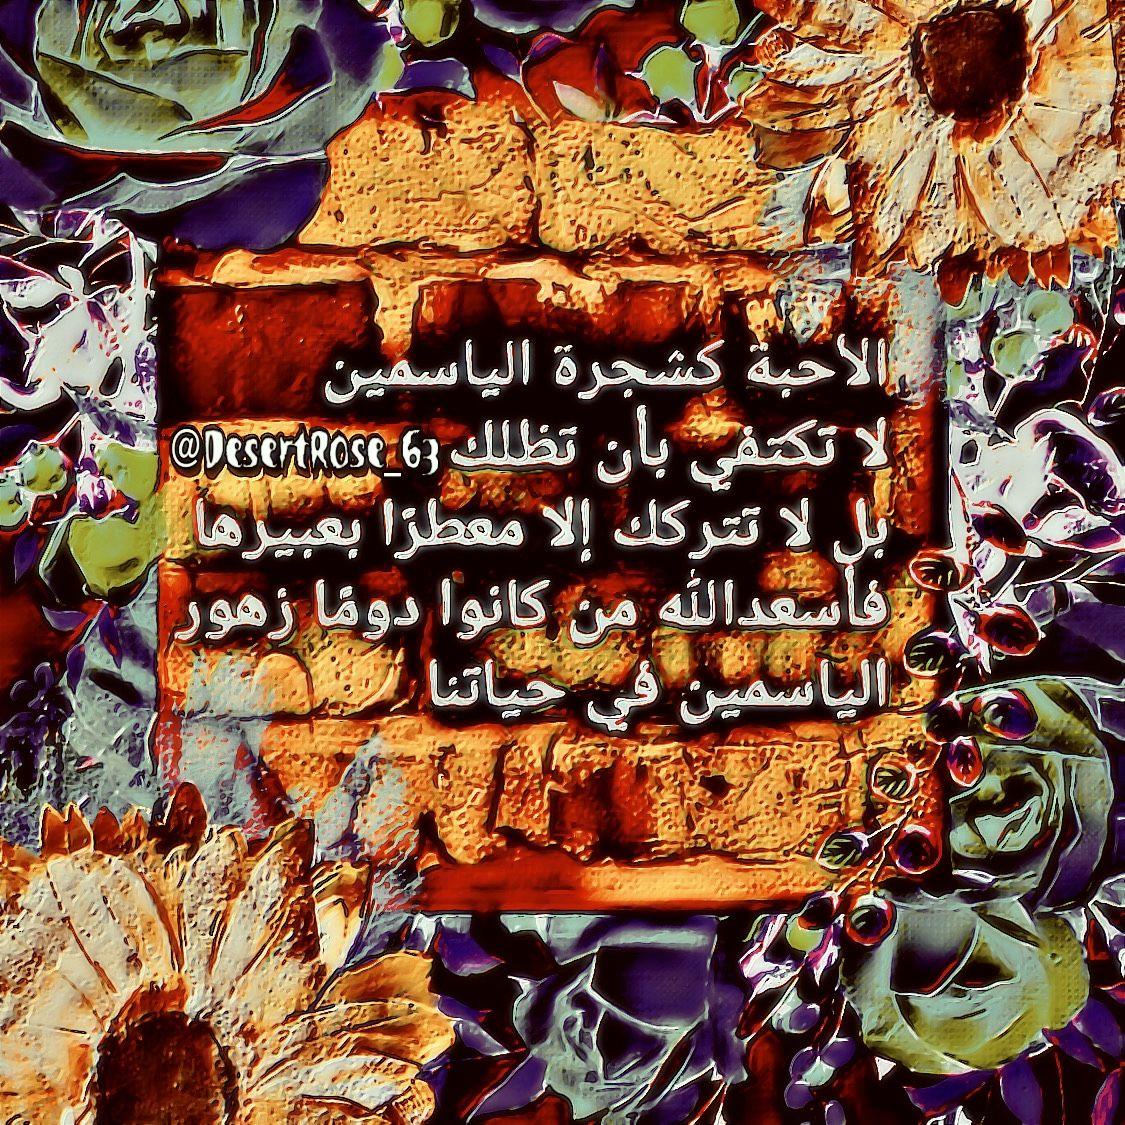 الل هم أسعد من هم دوم ا زهور الياسمين في حياتنا Movie Posters Painting Desert Rose